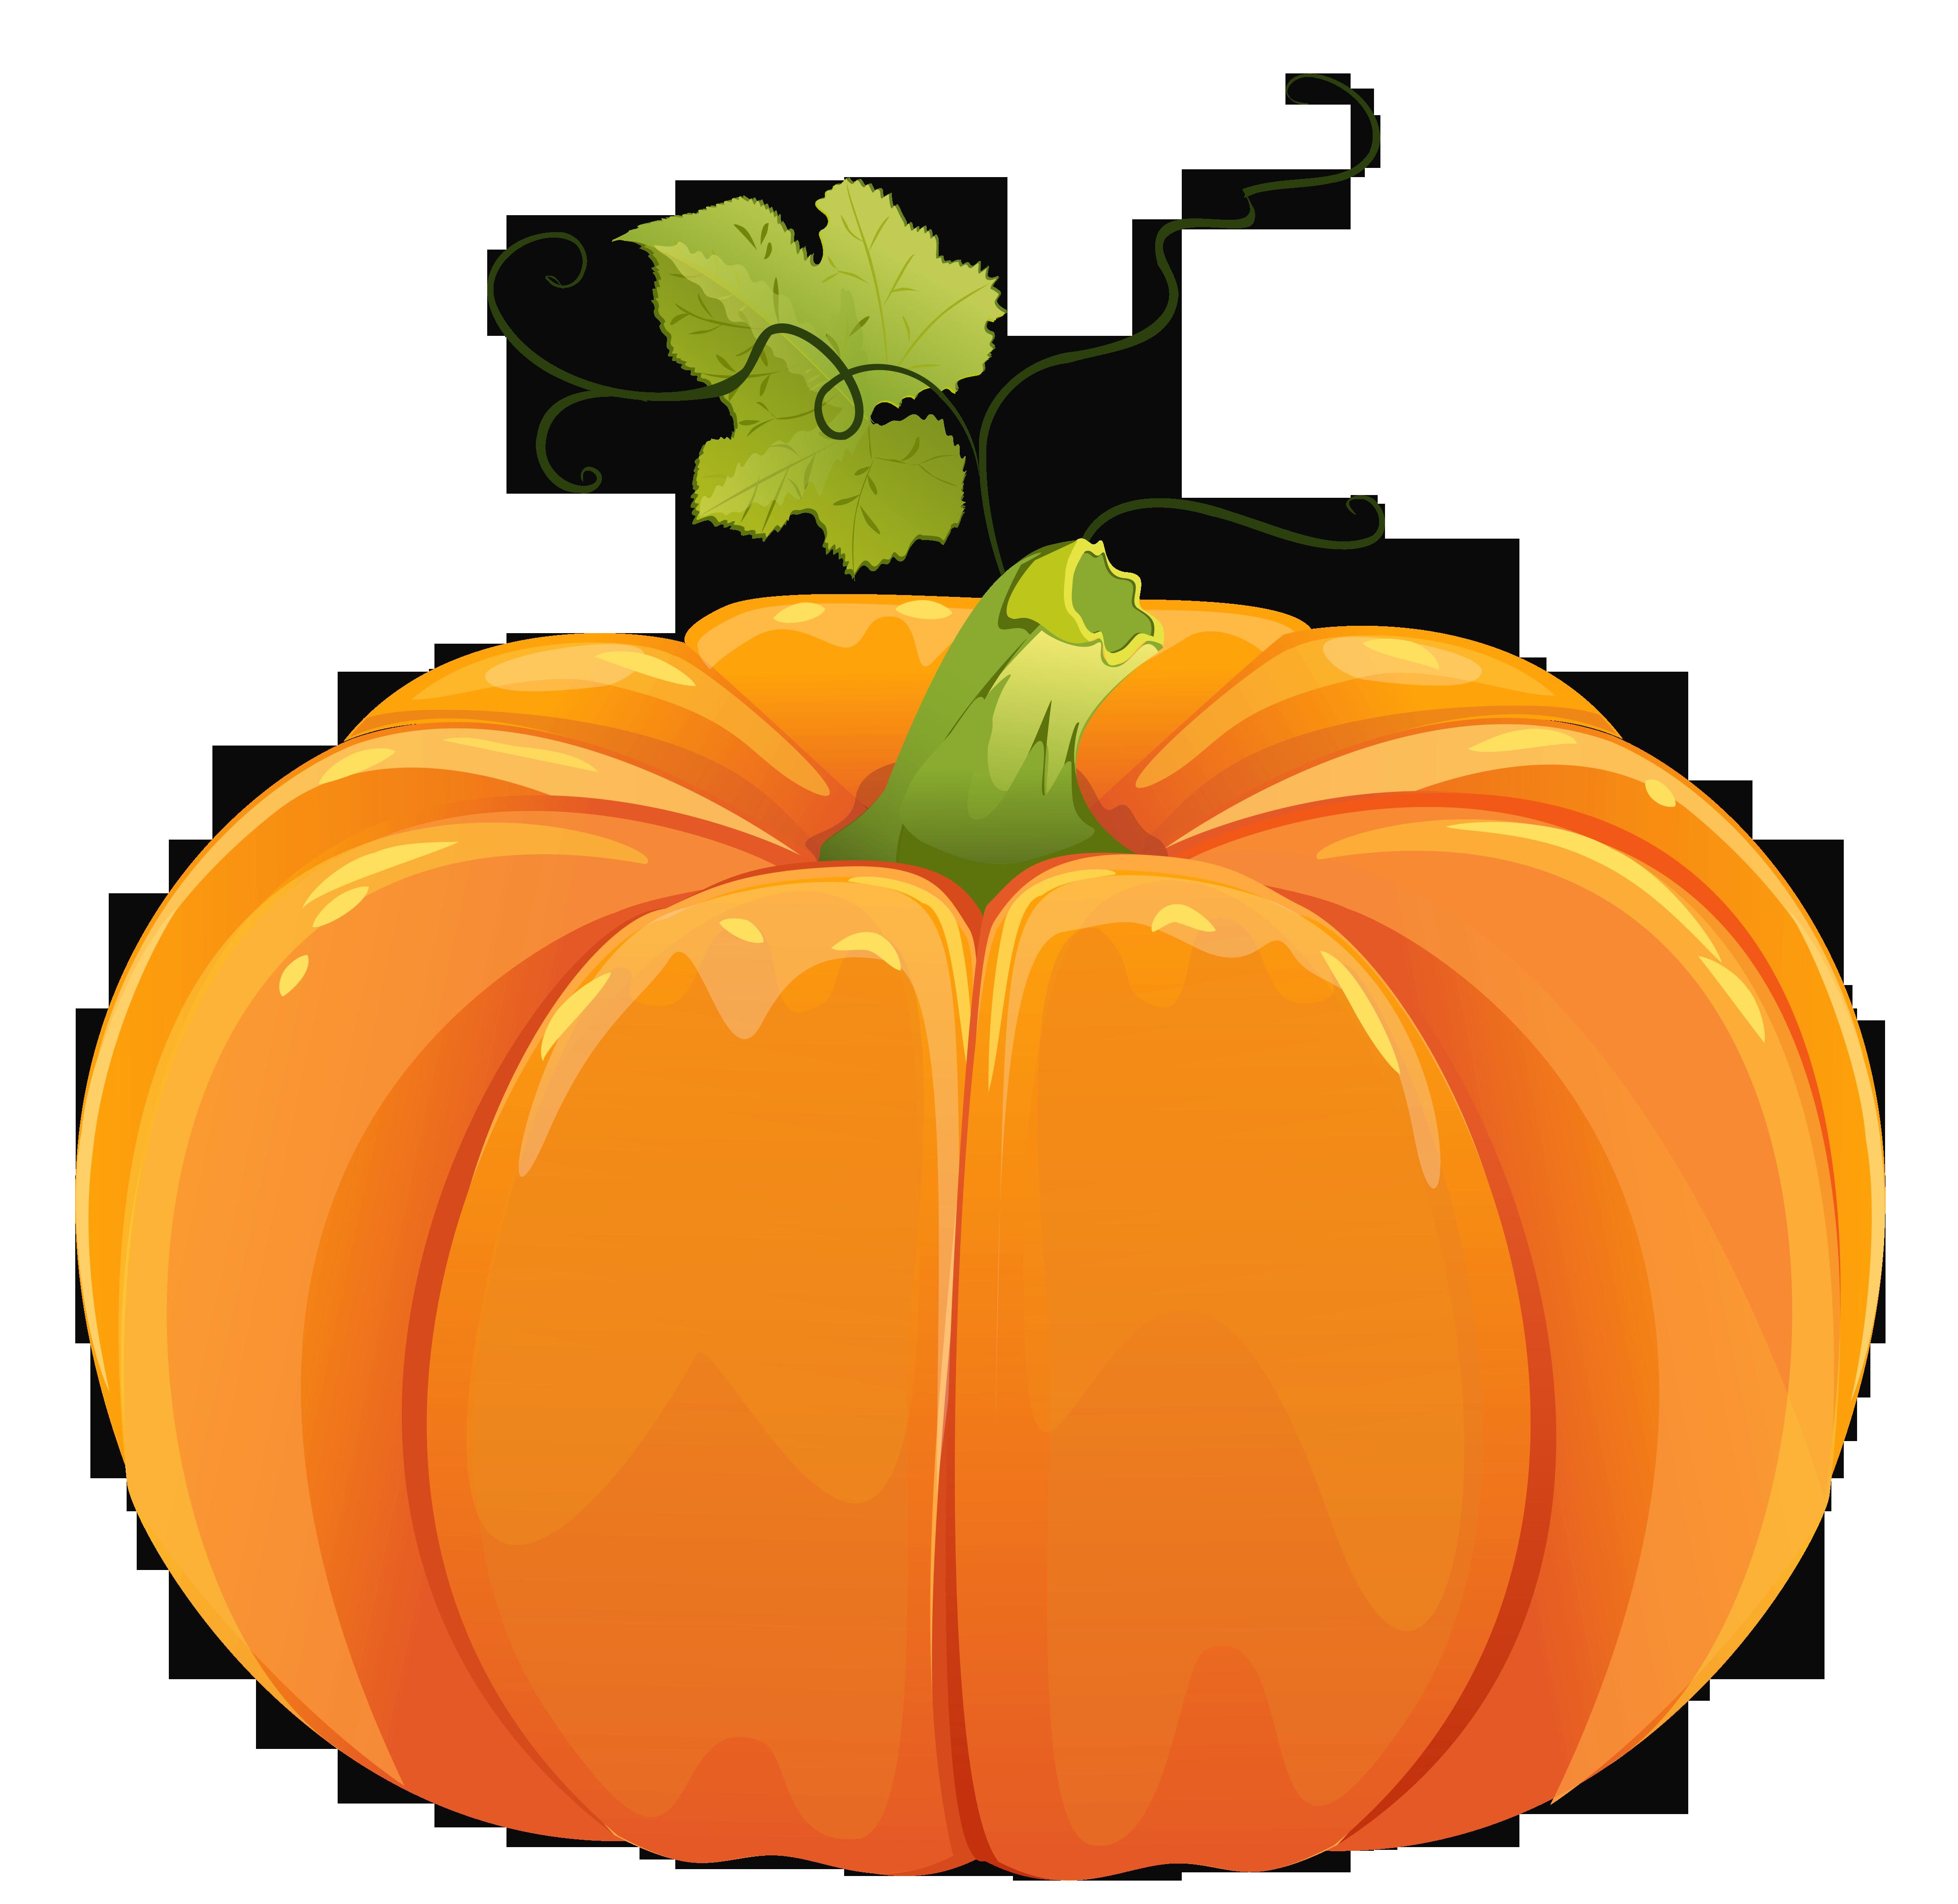 Free Clipart Pumpkins - clipa - Pumpkins Clipart